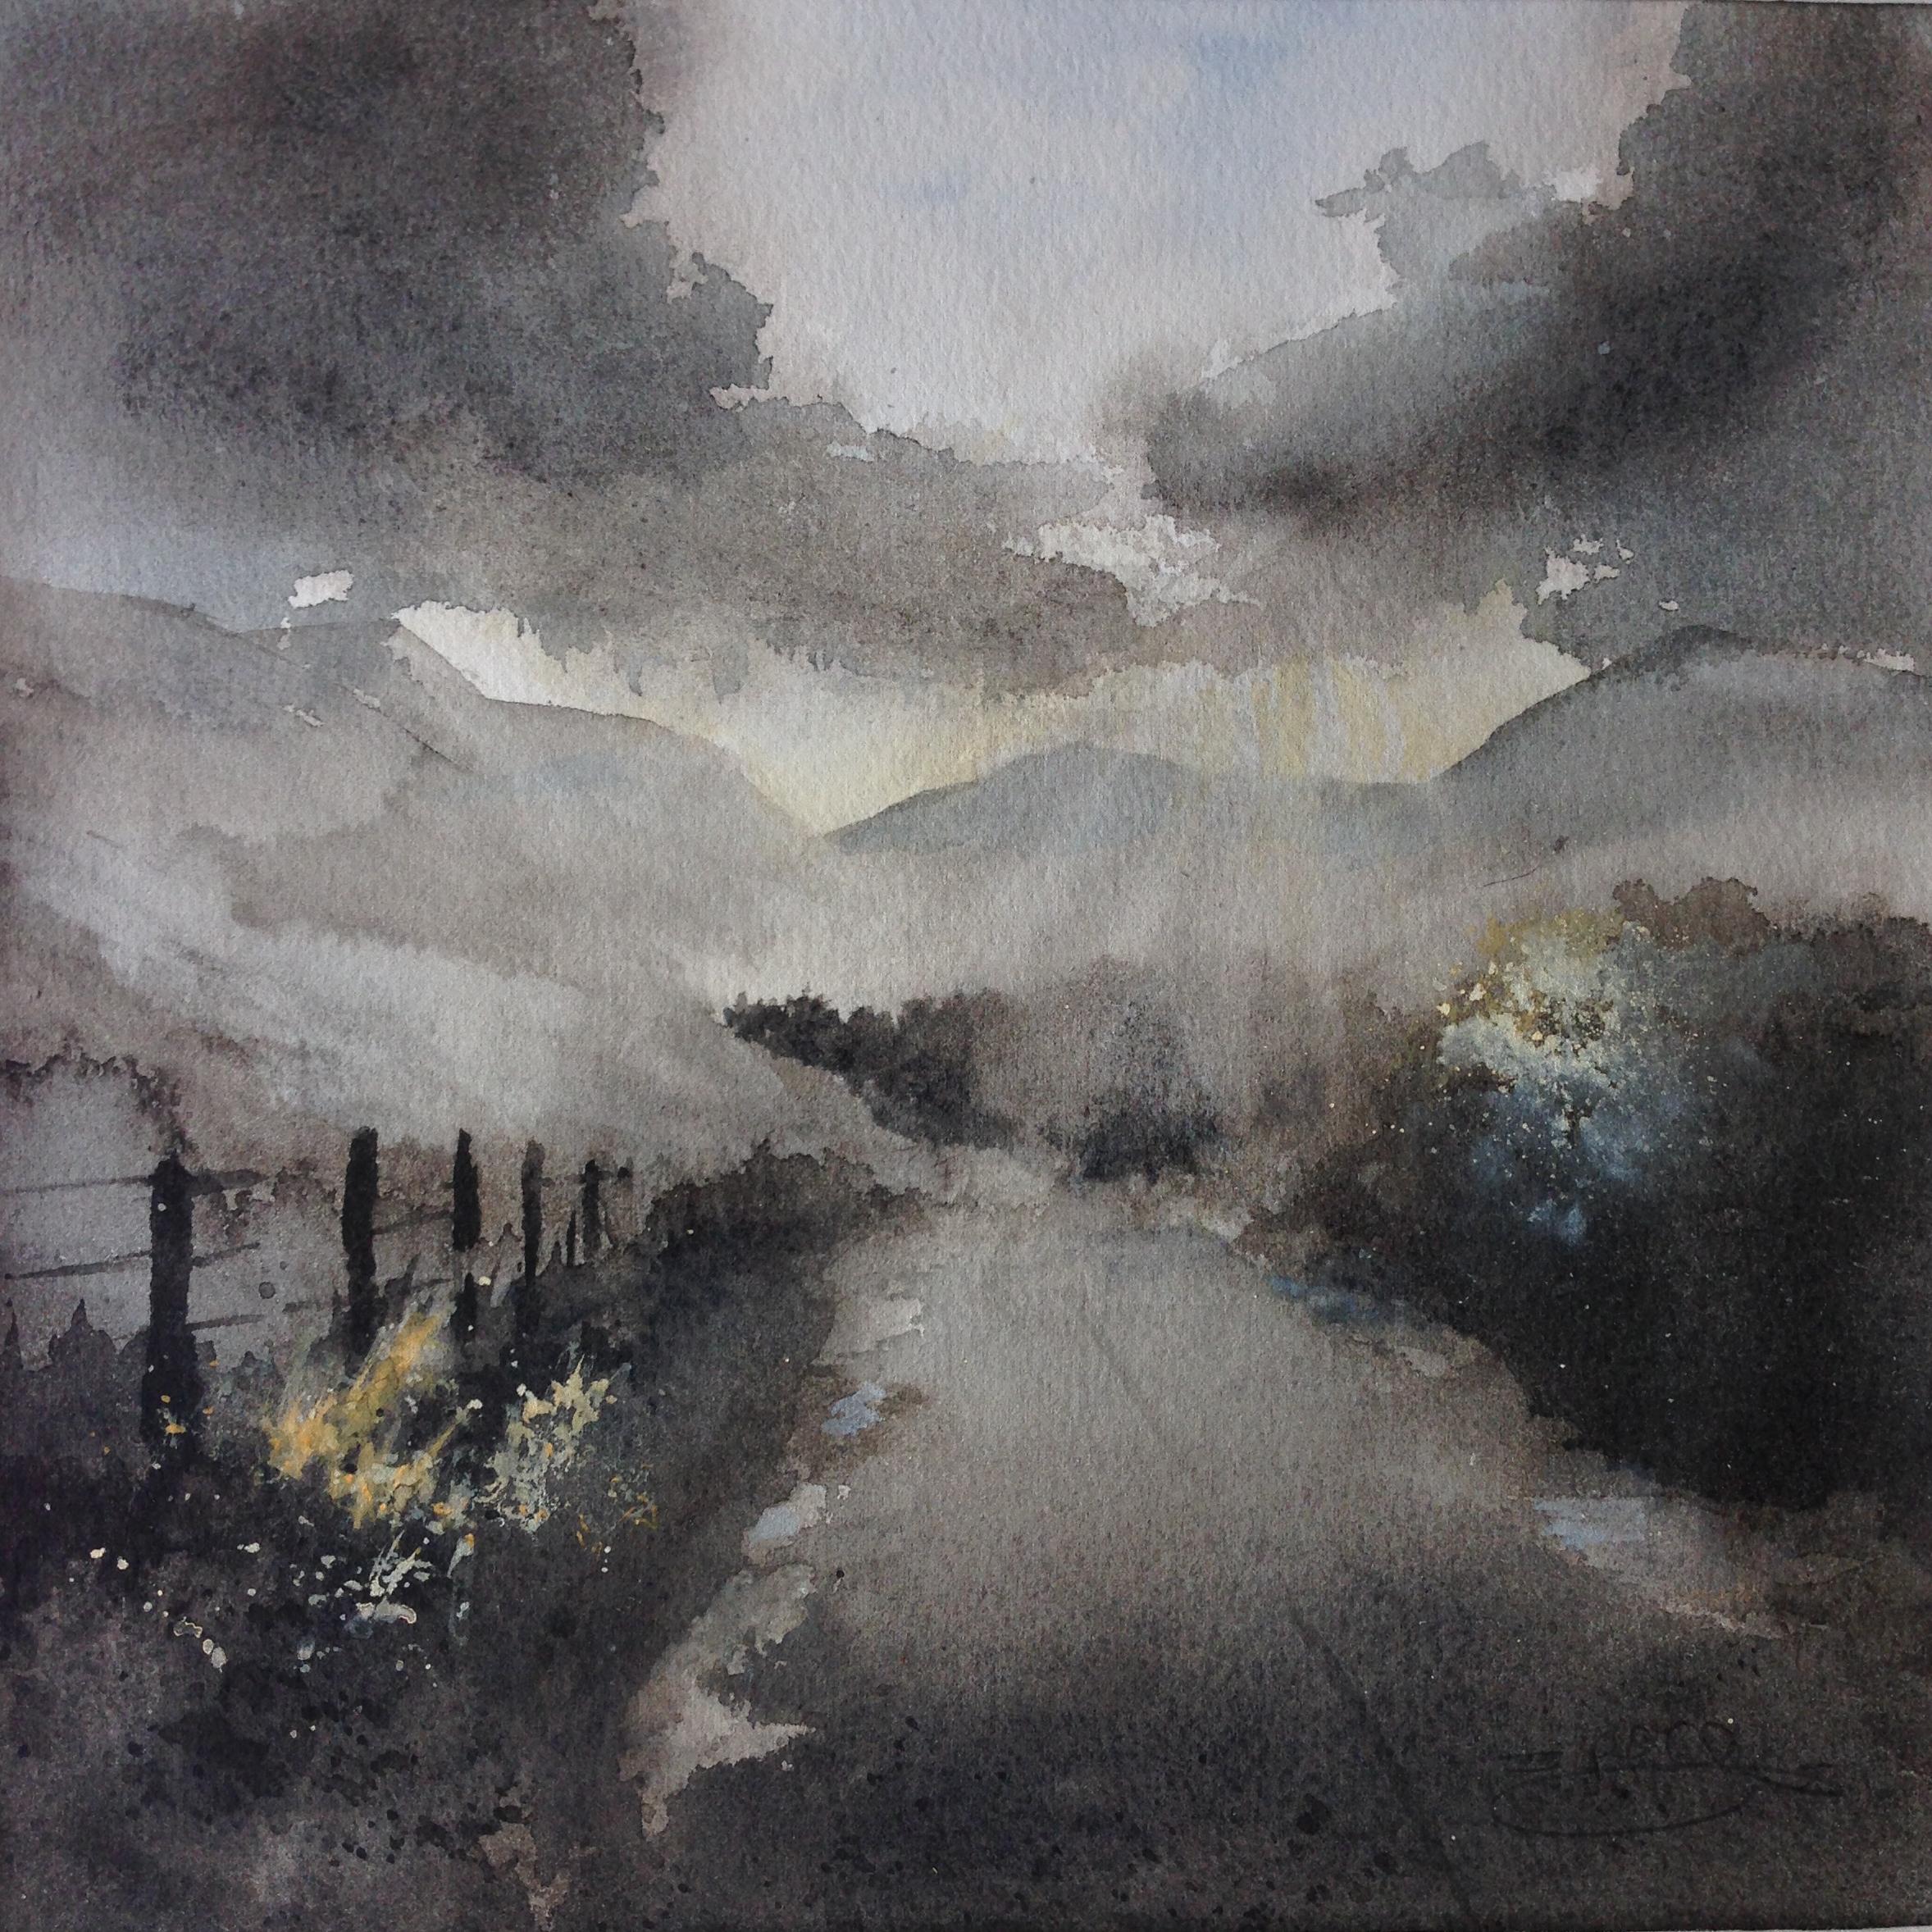 Sunburst, Perthshire hills. Sheena F Phillips